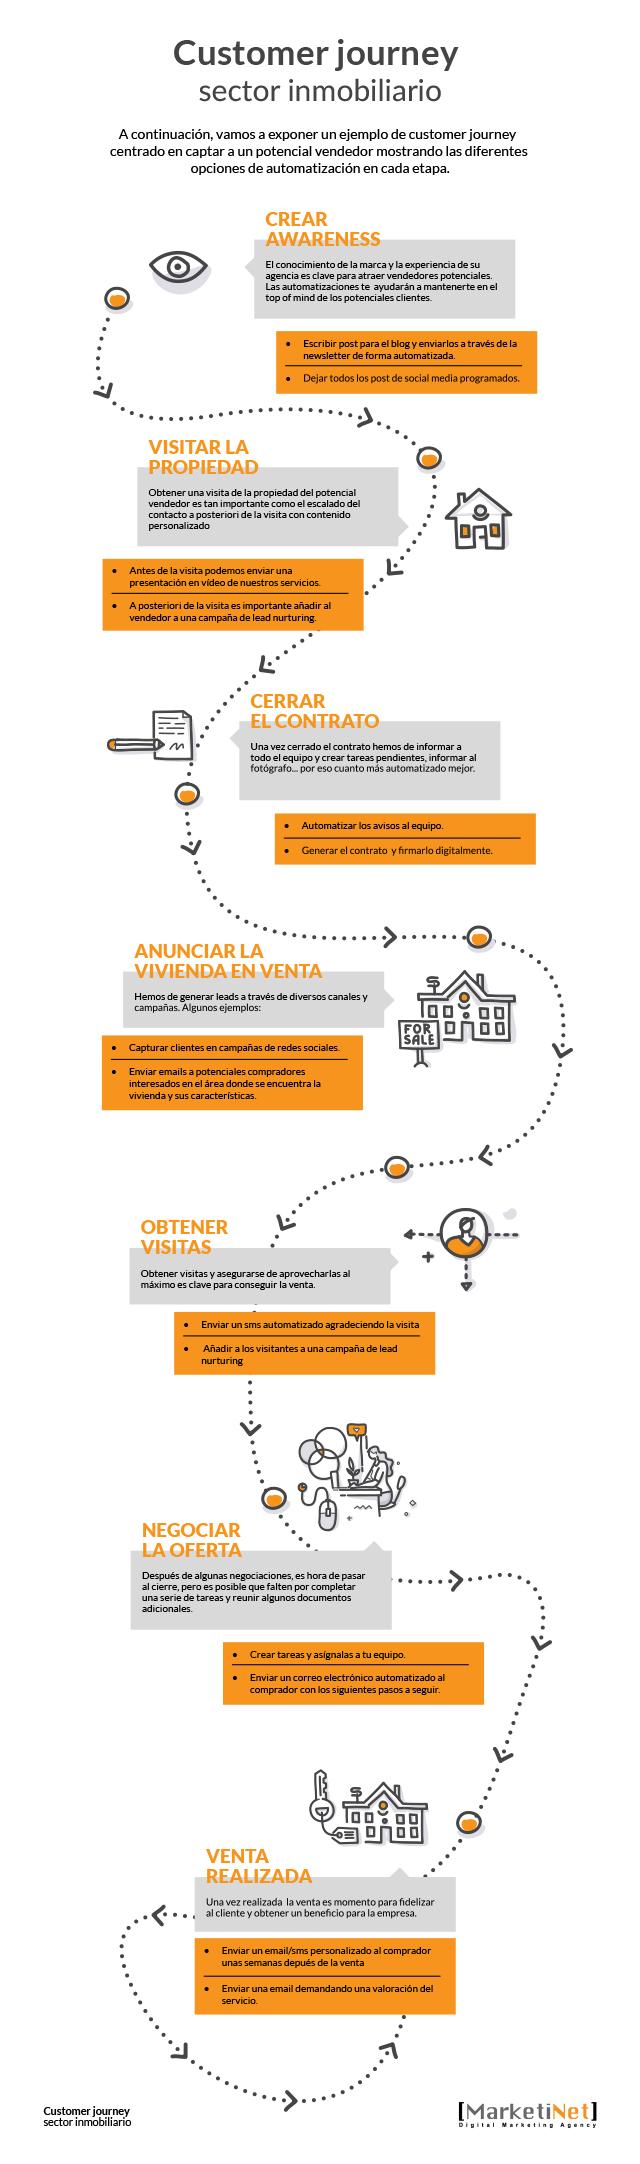 Infografía del Customer journey en el sector inmobiliario